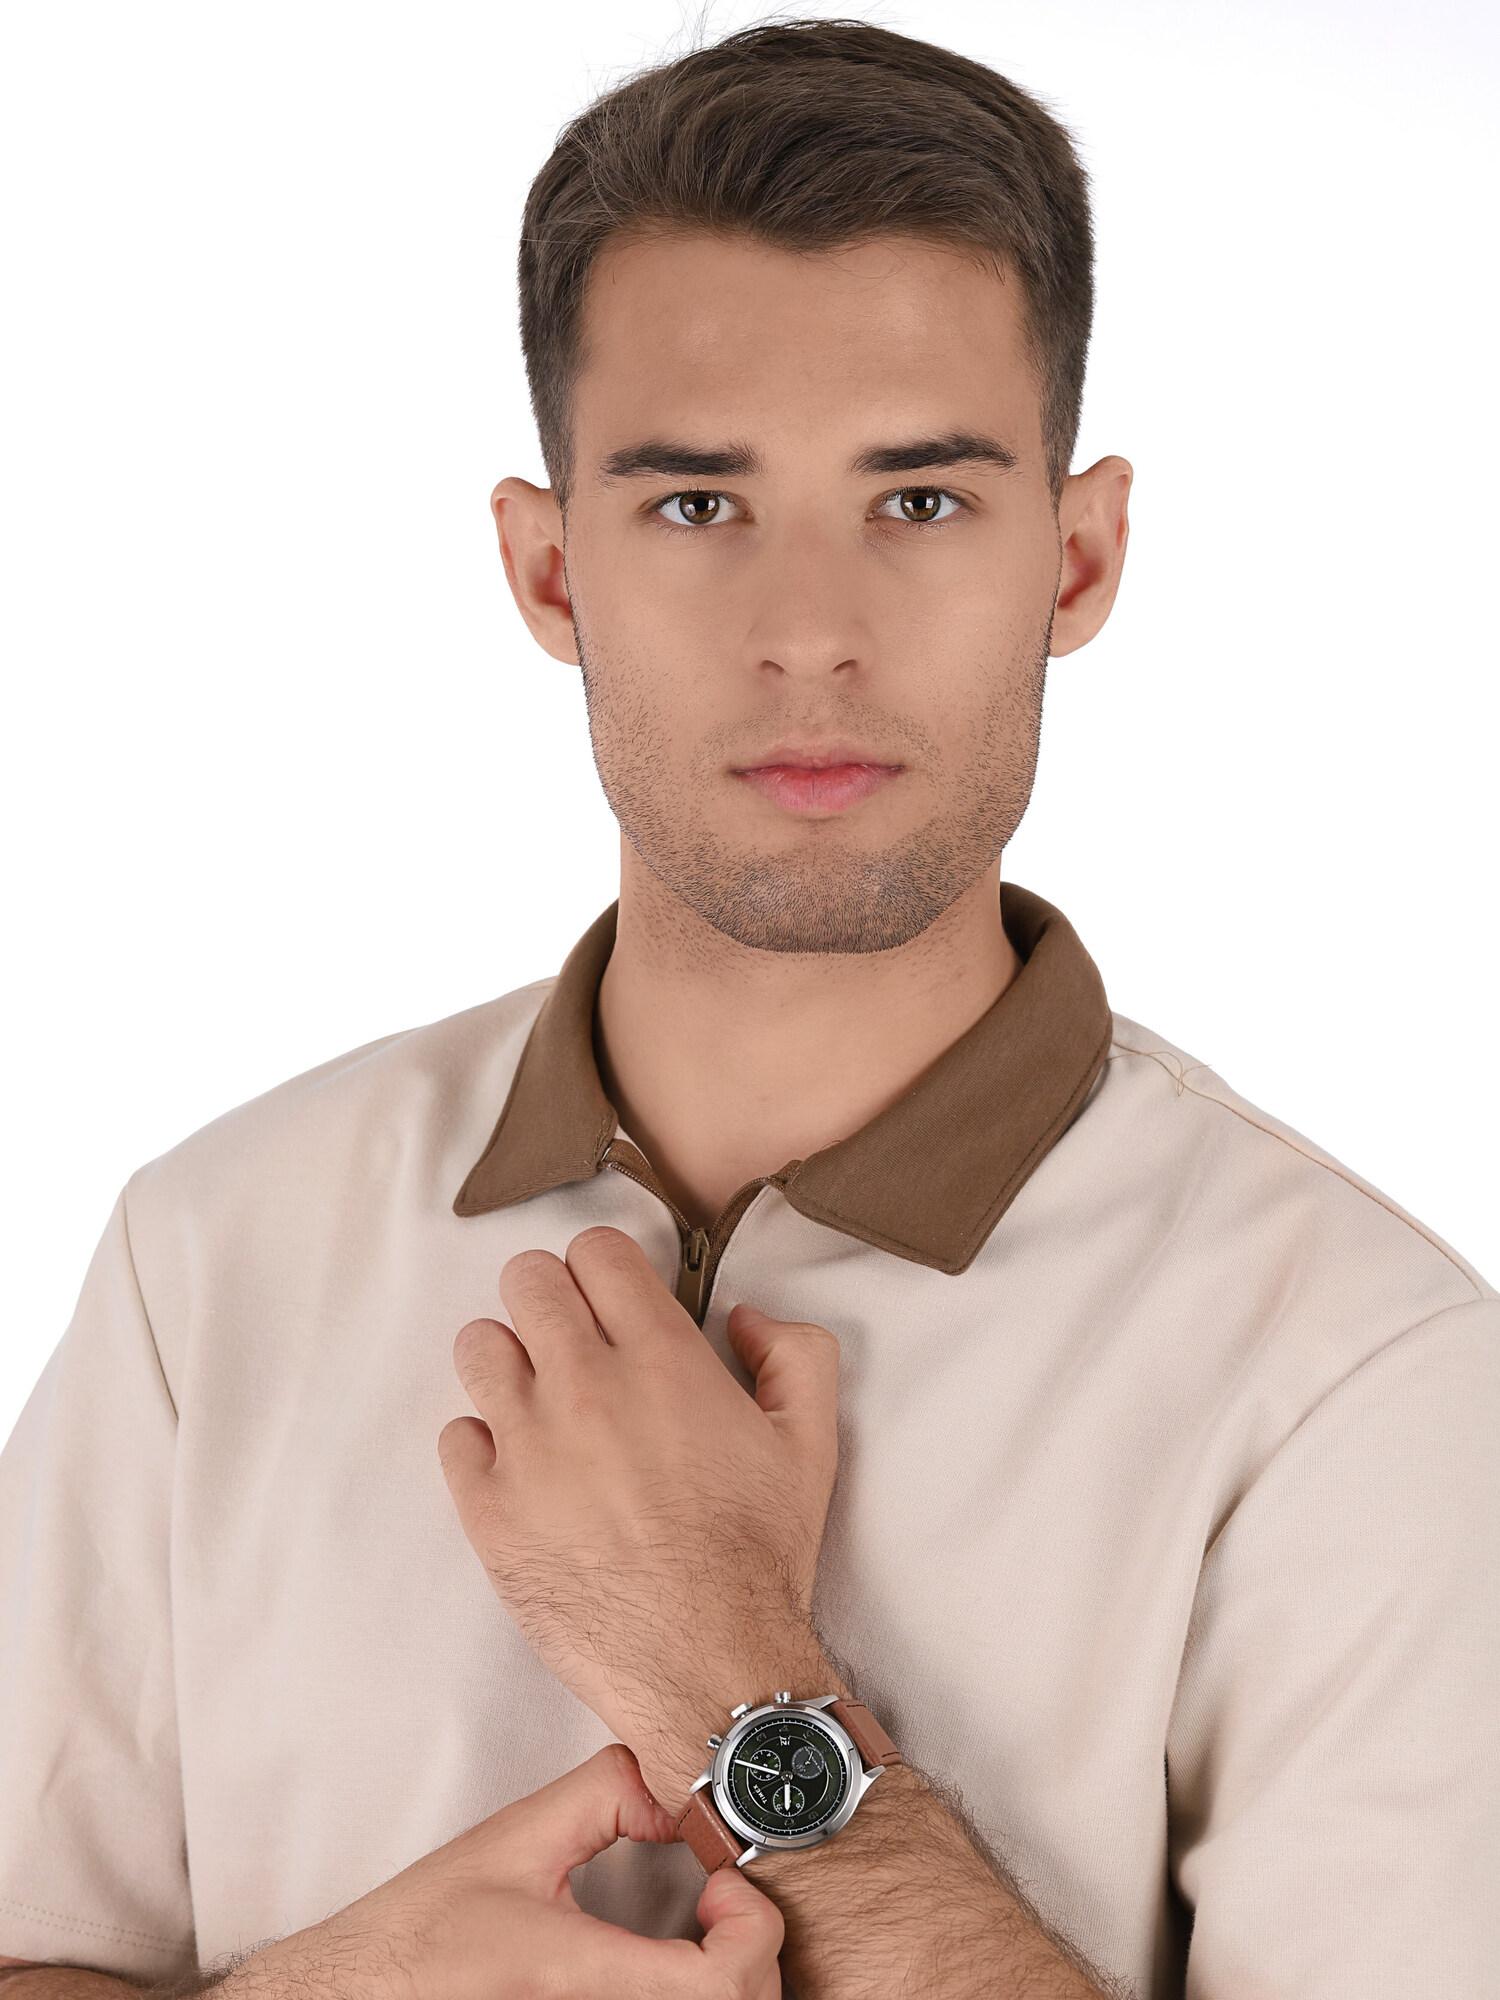 zegarek Timex TW2U90700 kwarcowy męski Waterbury Waterbury